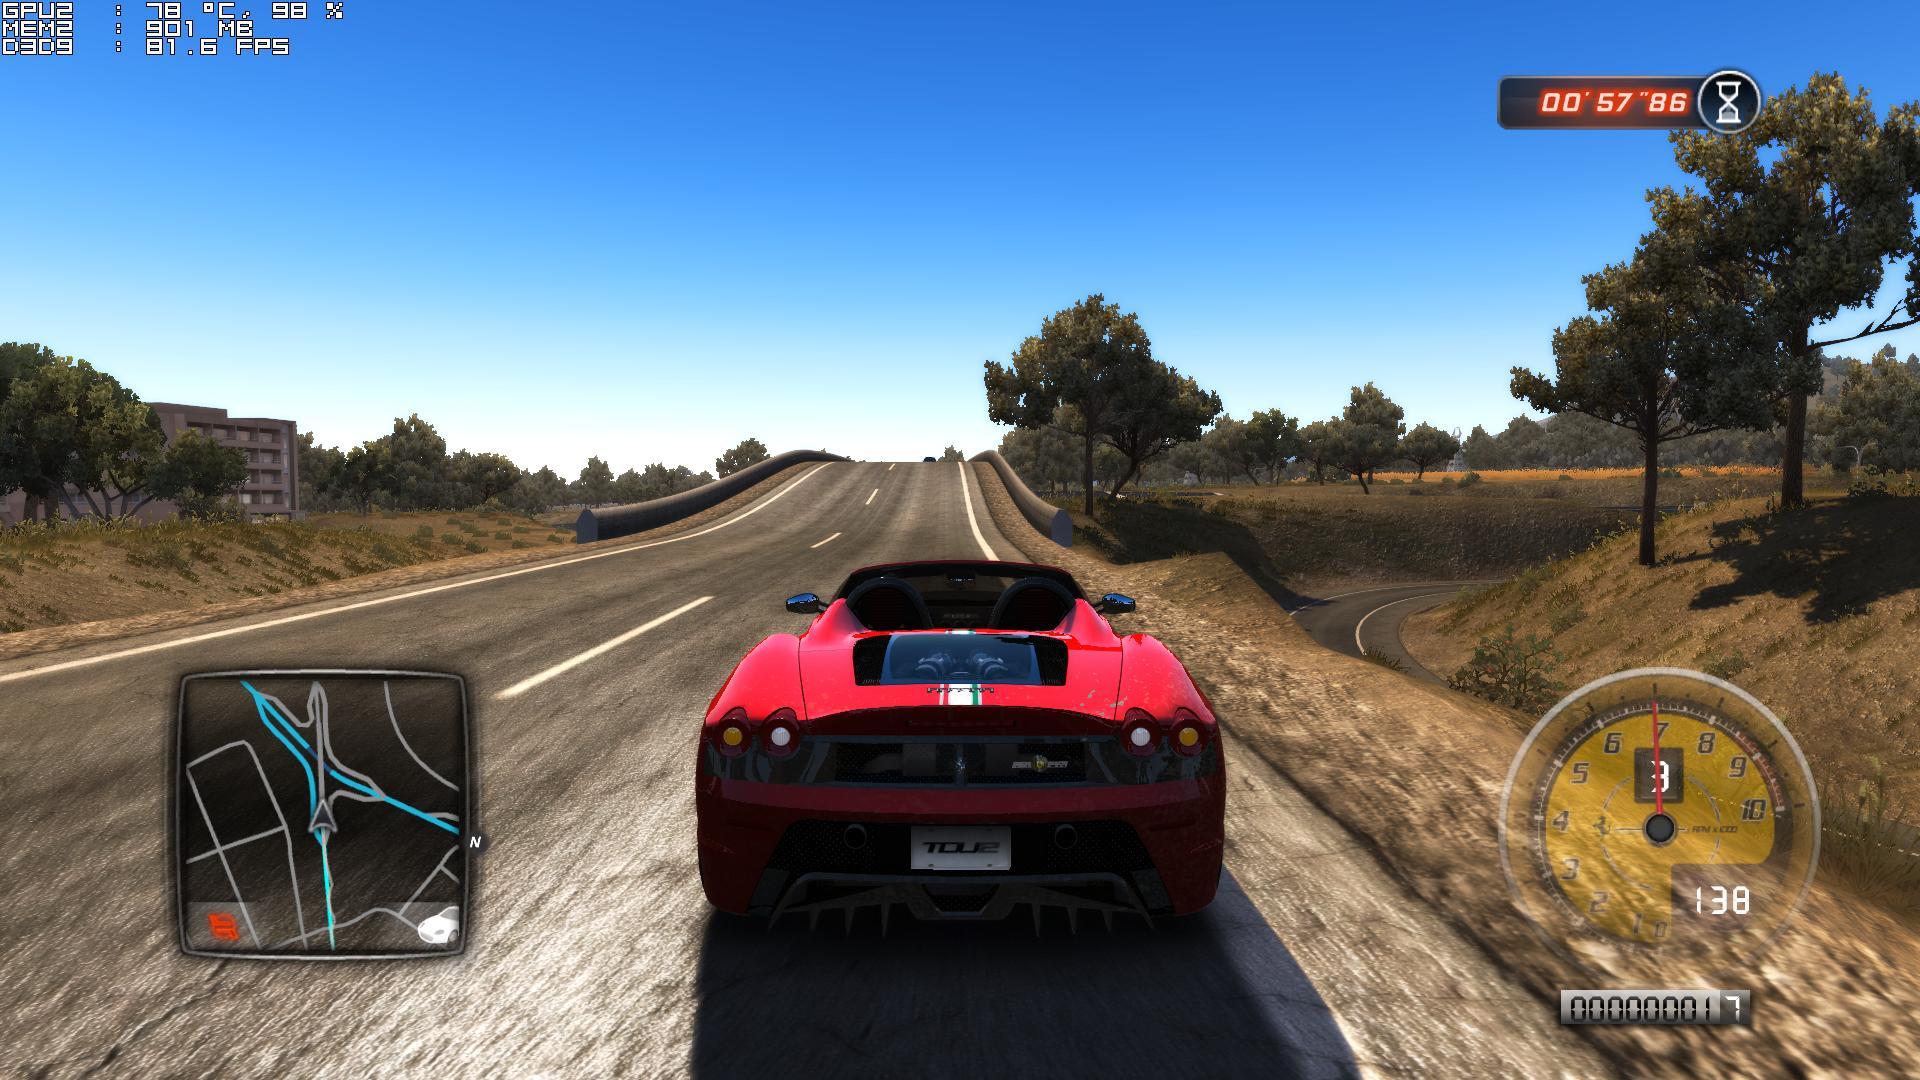 Скачать игру на компьютер тест драйв машин